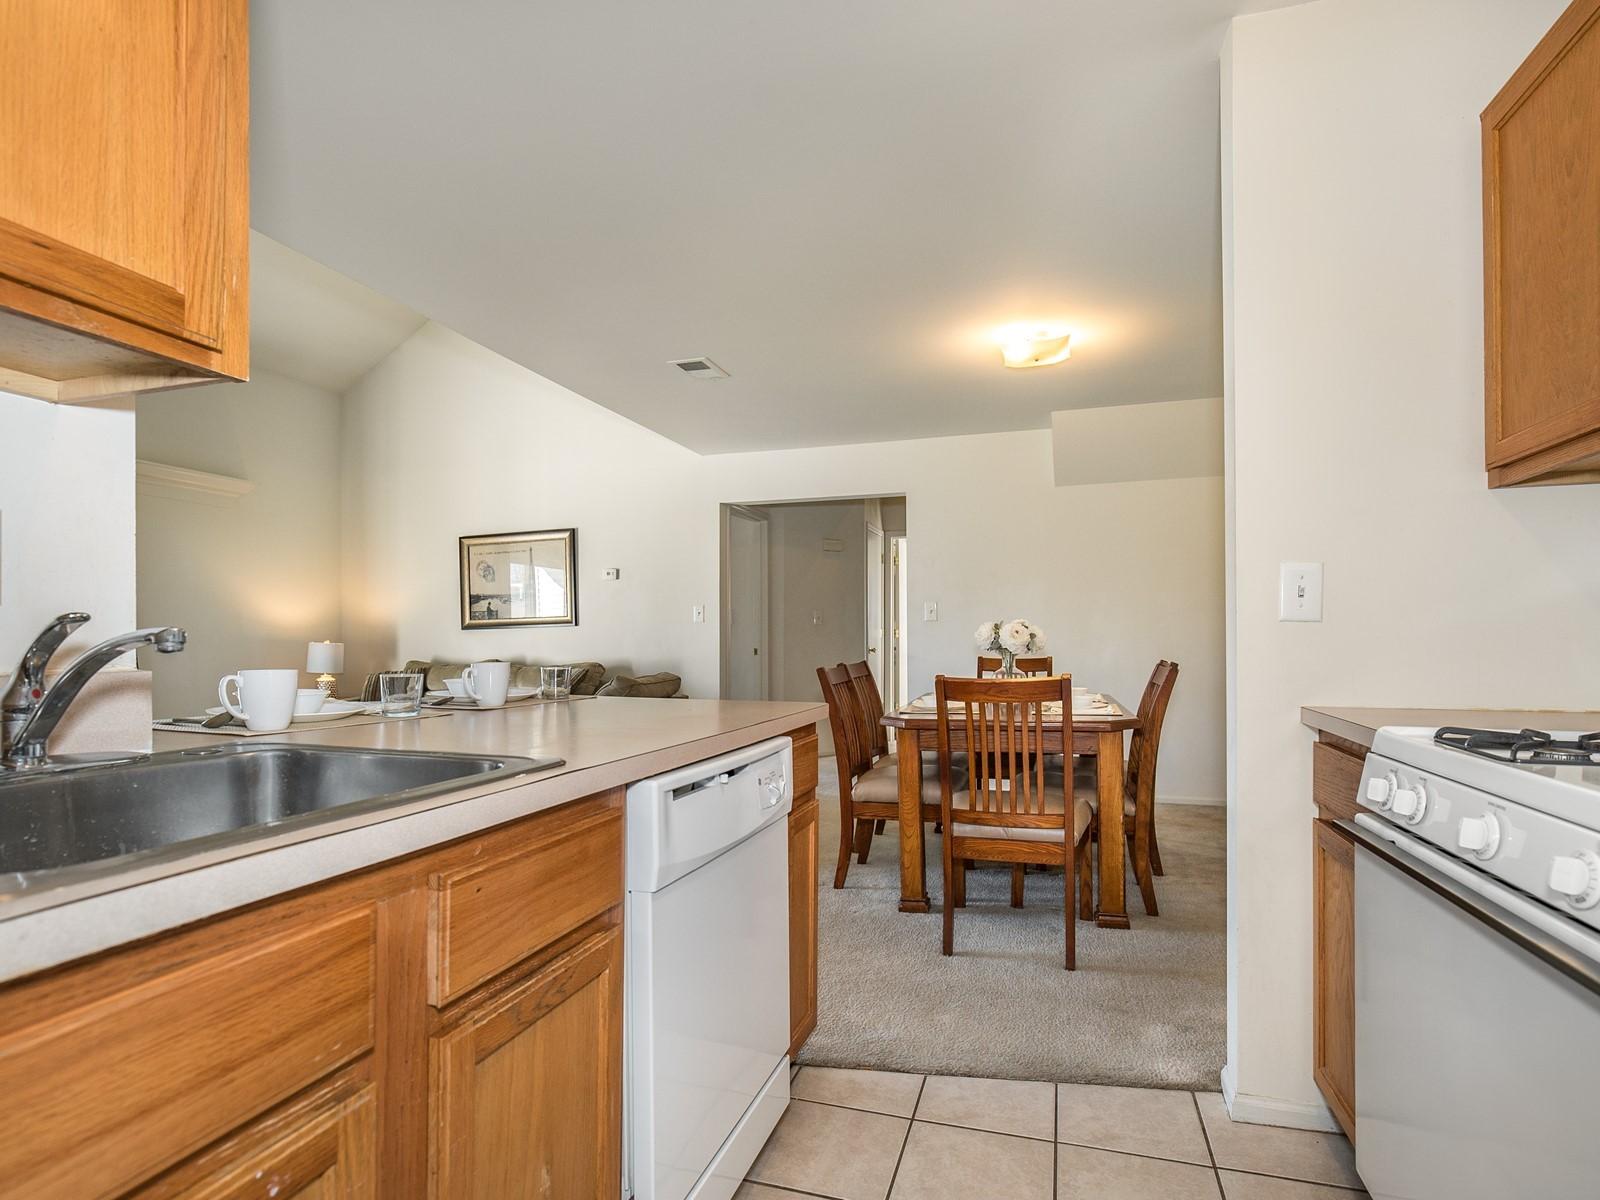 05_Woodbridge-Furnished-Rental-1409_Kitchen-DiningRoom